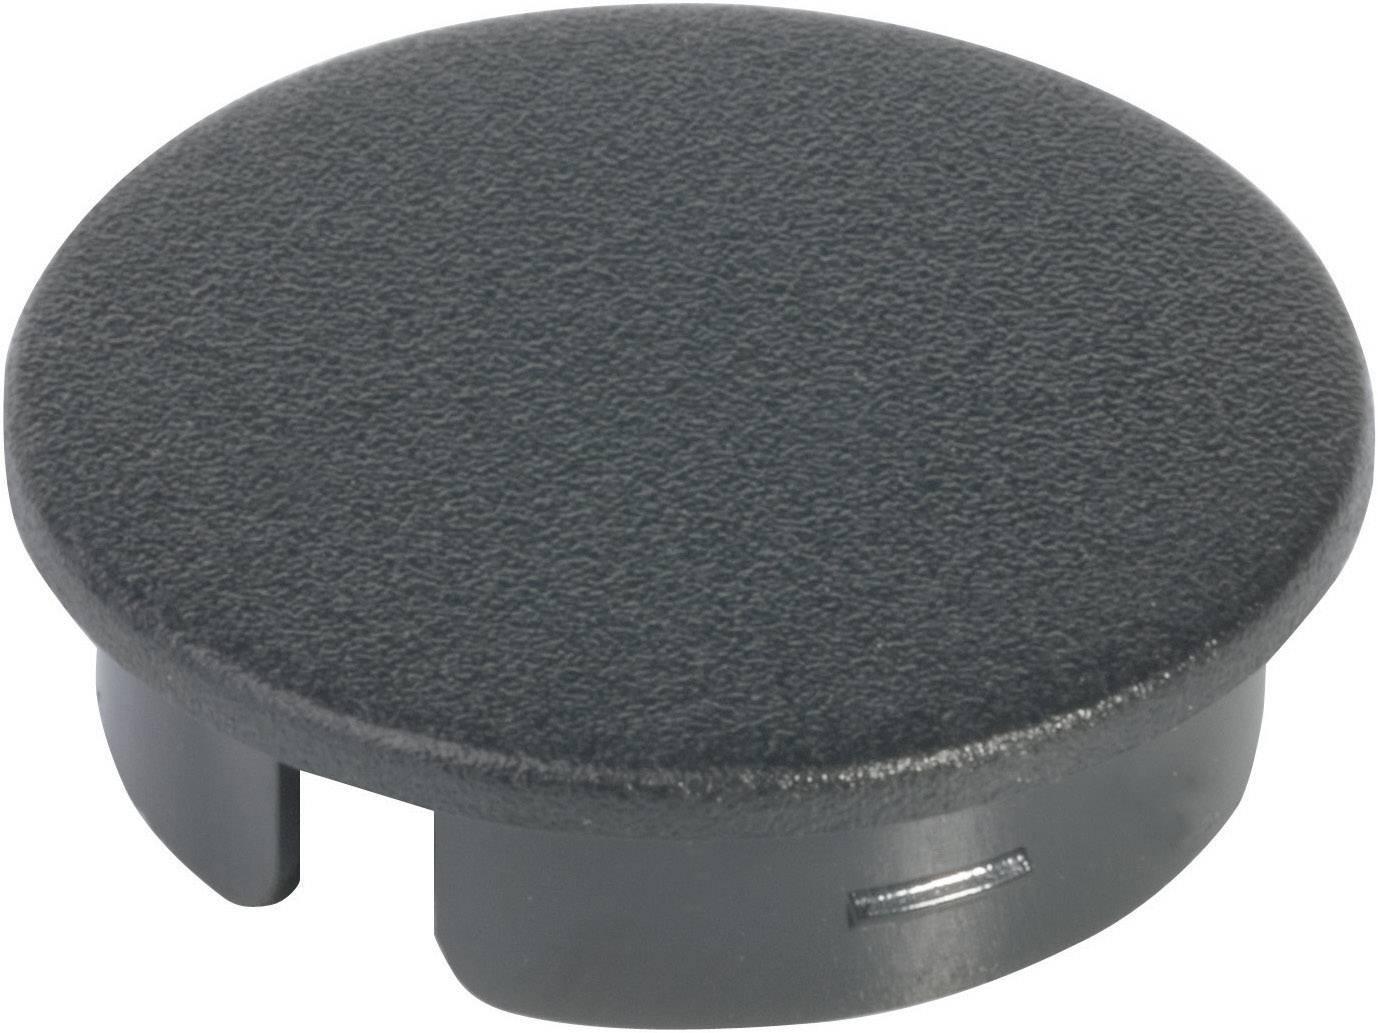 Krytka na otočný knoflík bez ukazatele OKW, pro knoflíky/O 10 mm, černá